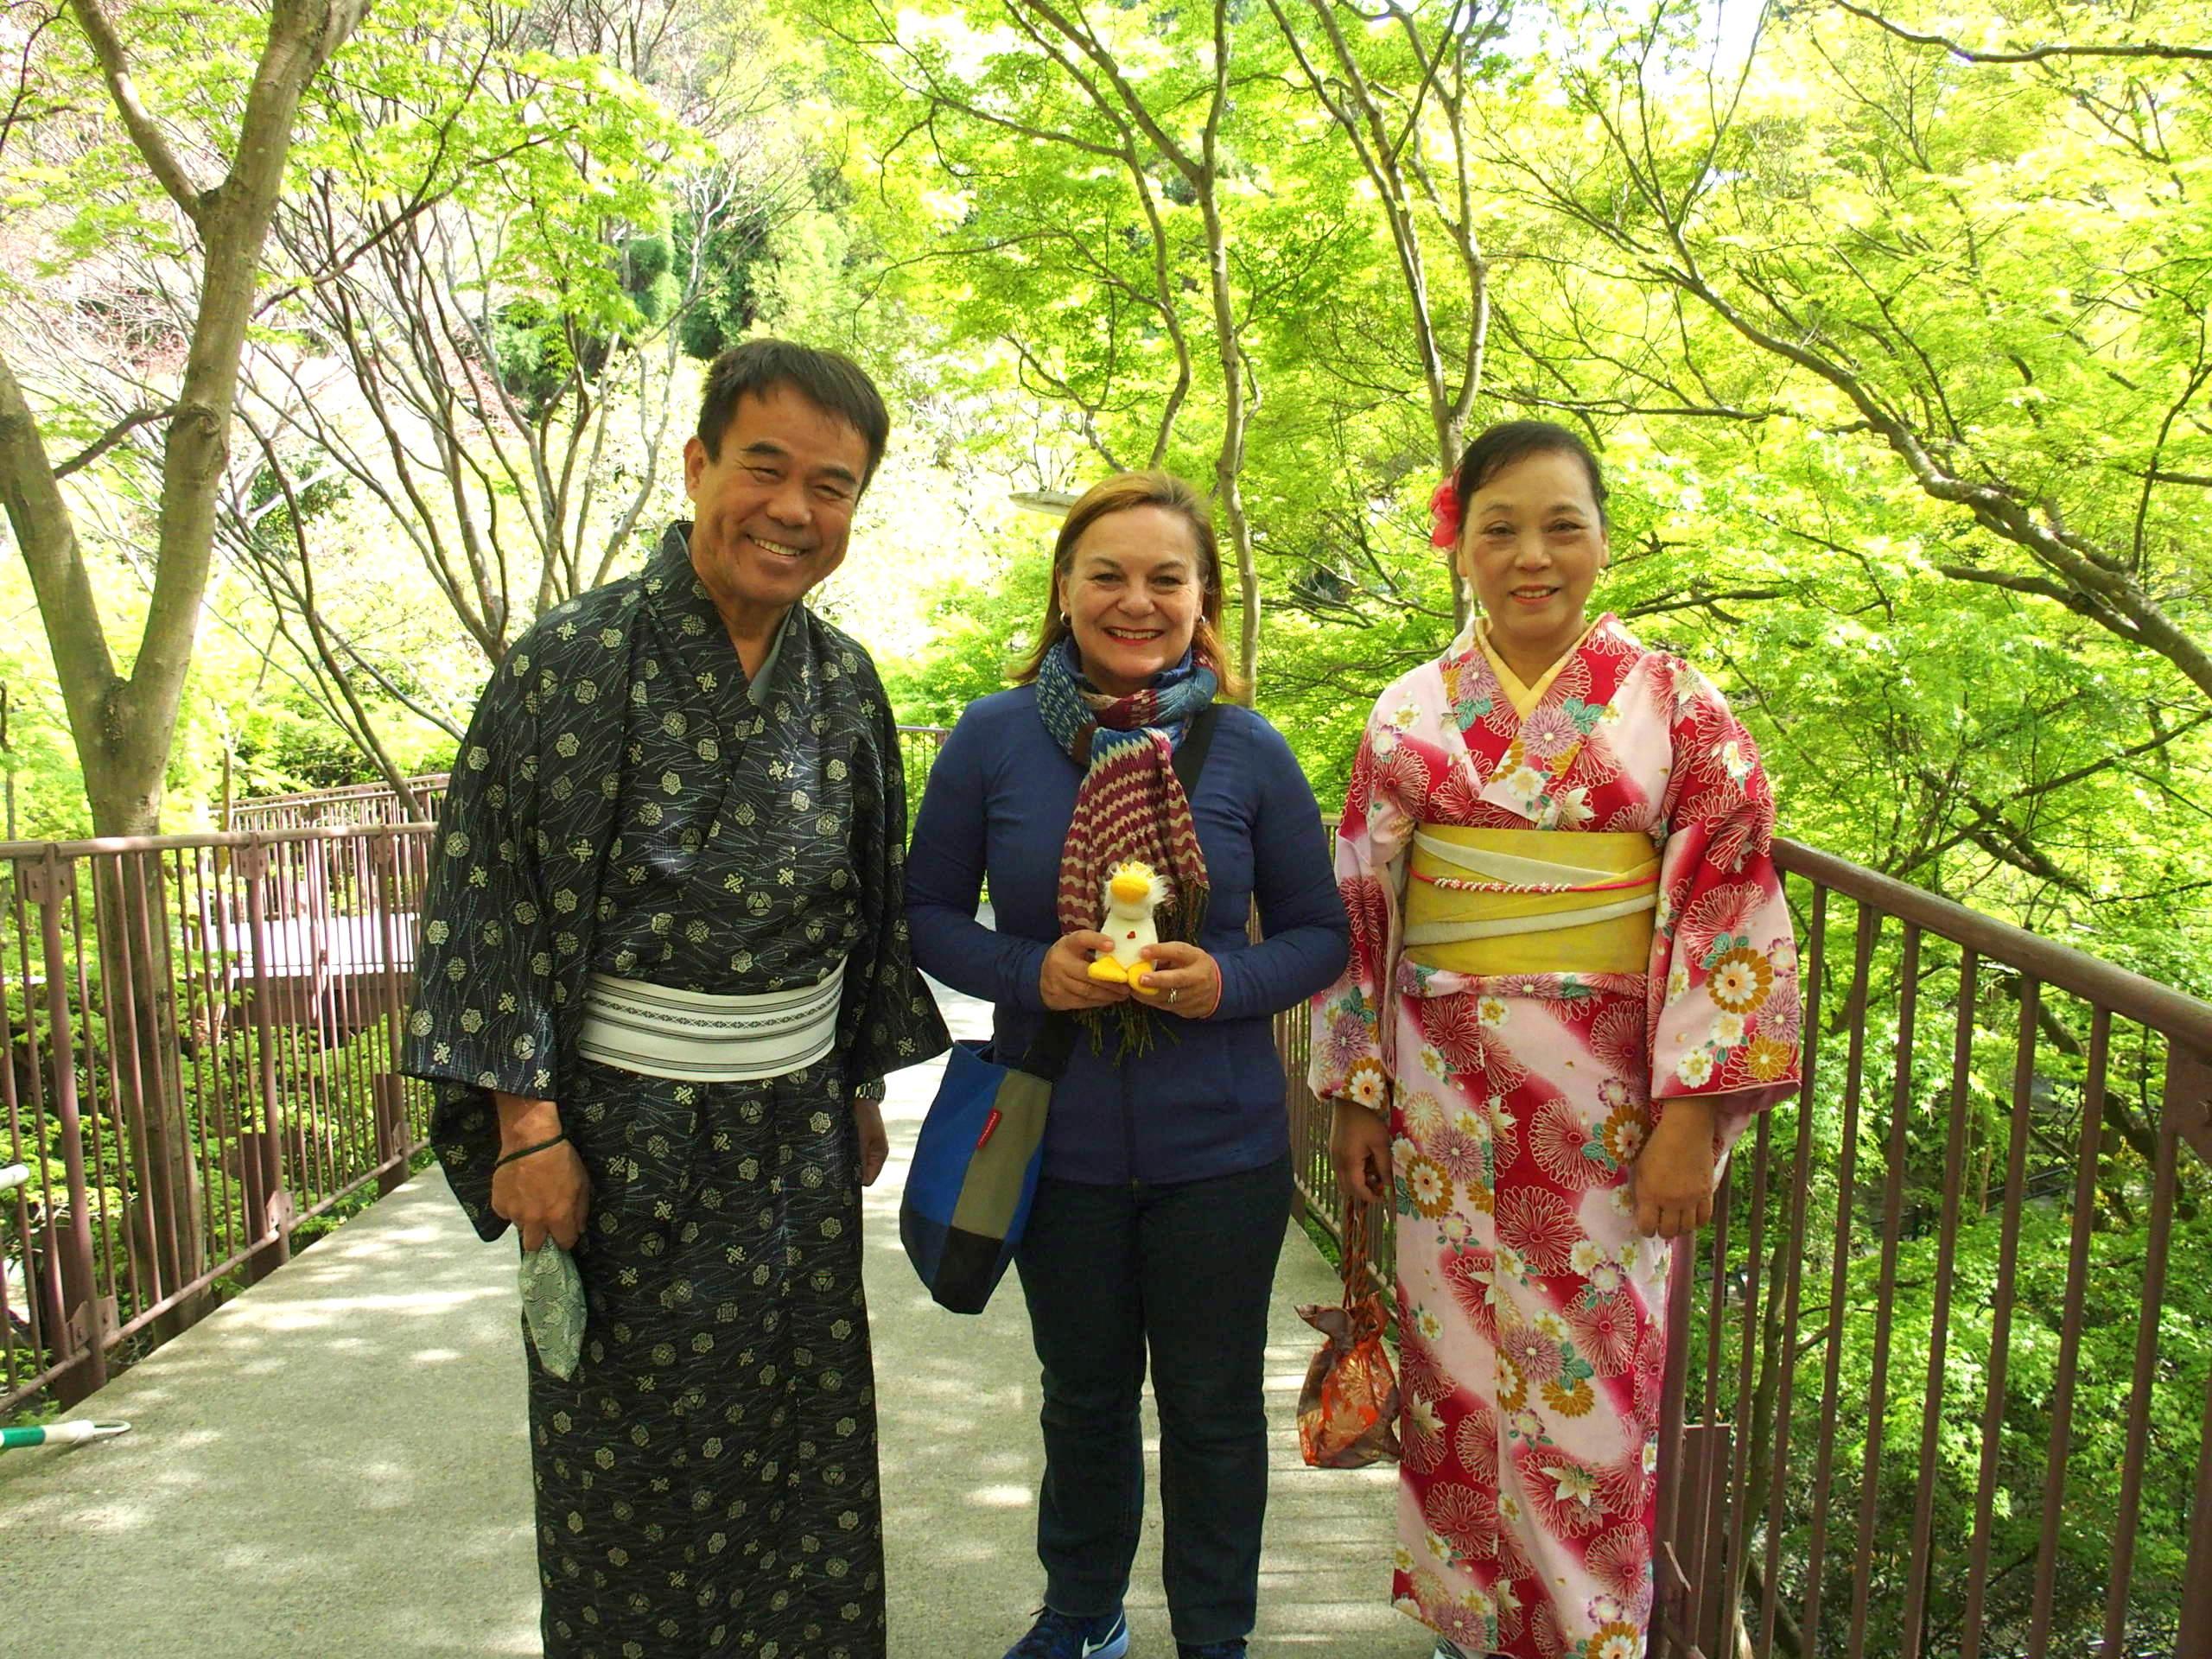 Visite de Kanazawa et rencontre avec un couple de Japonais